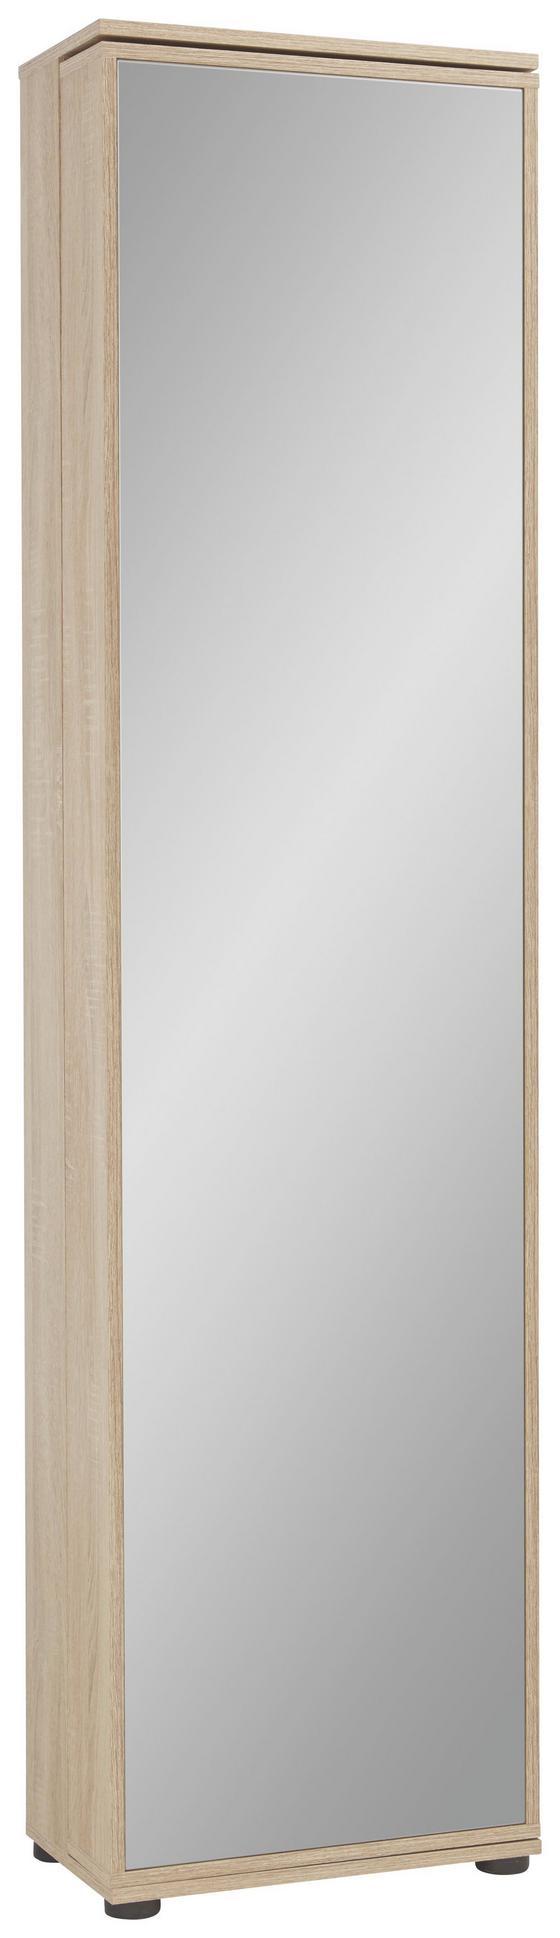 Skrinka Na Topánky Penny 8 - farby dubu/biela, drevený materiál (47/190/29cm)